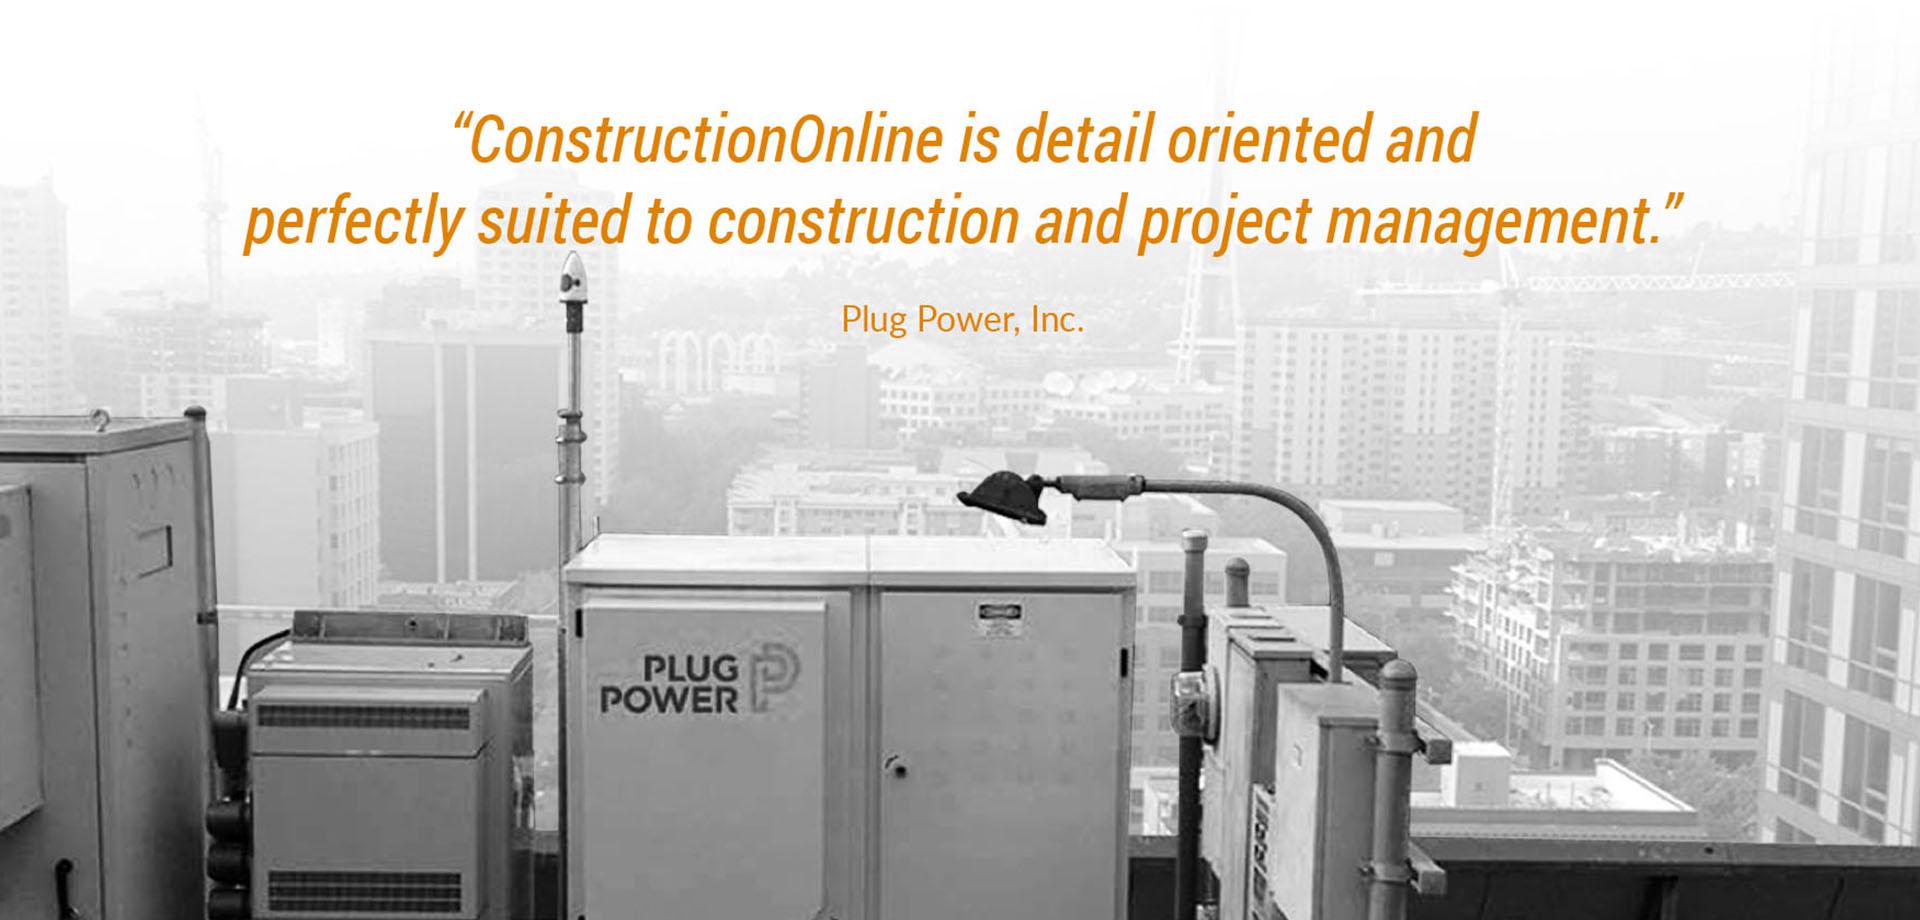 plug-power2.jpg